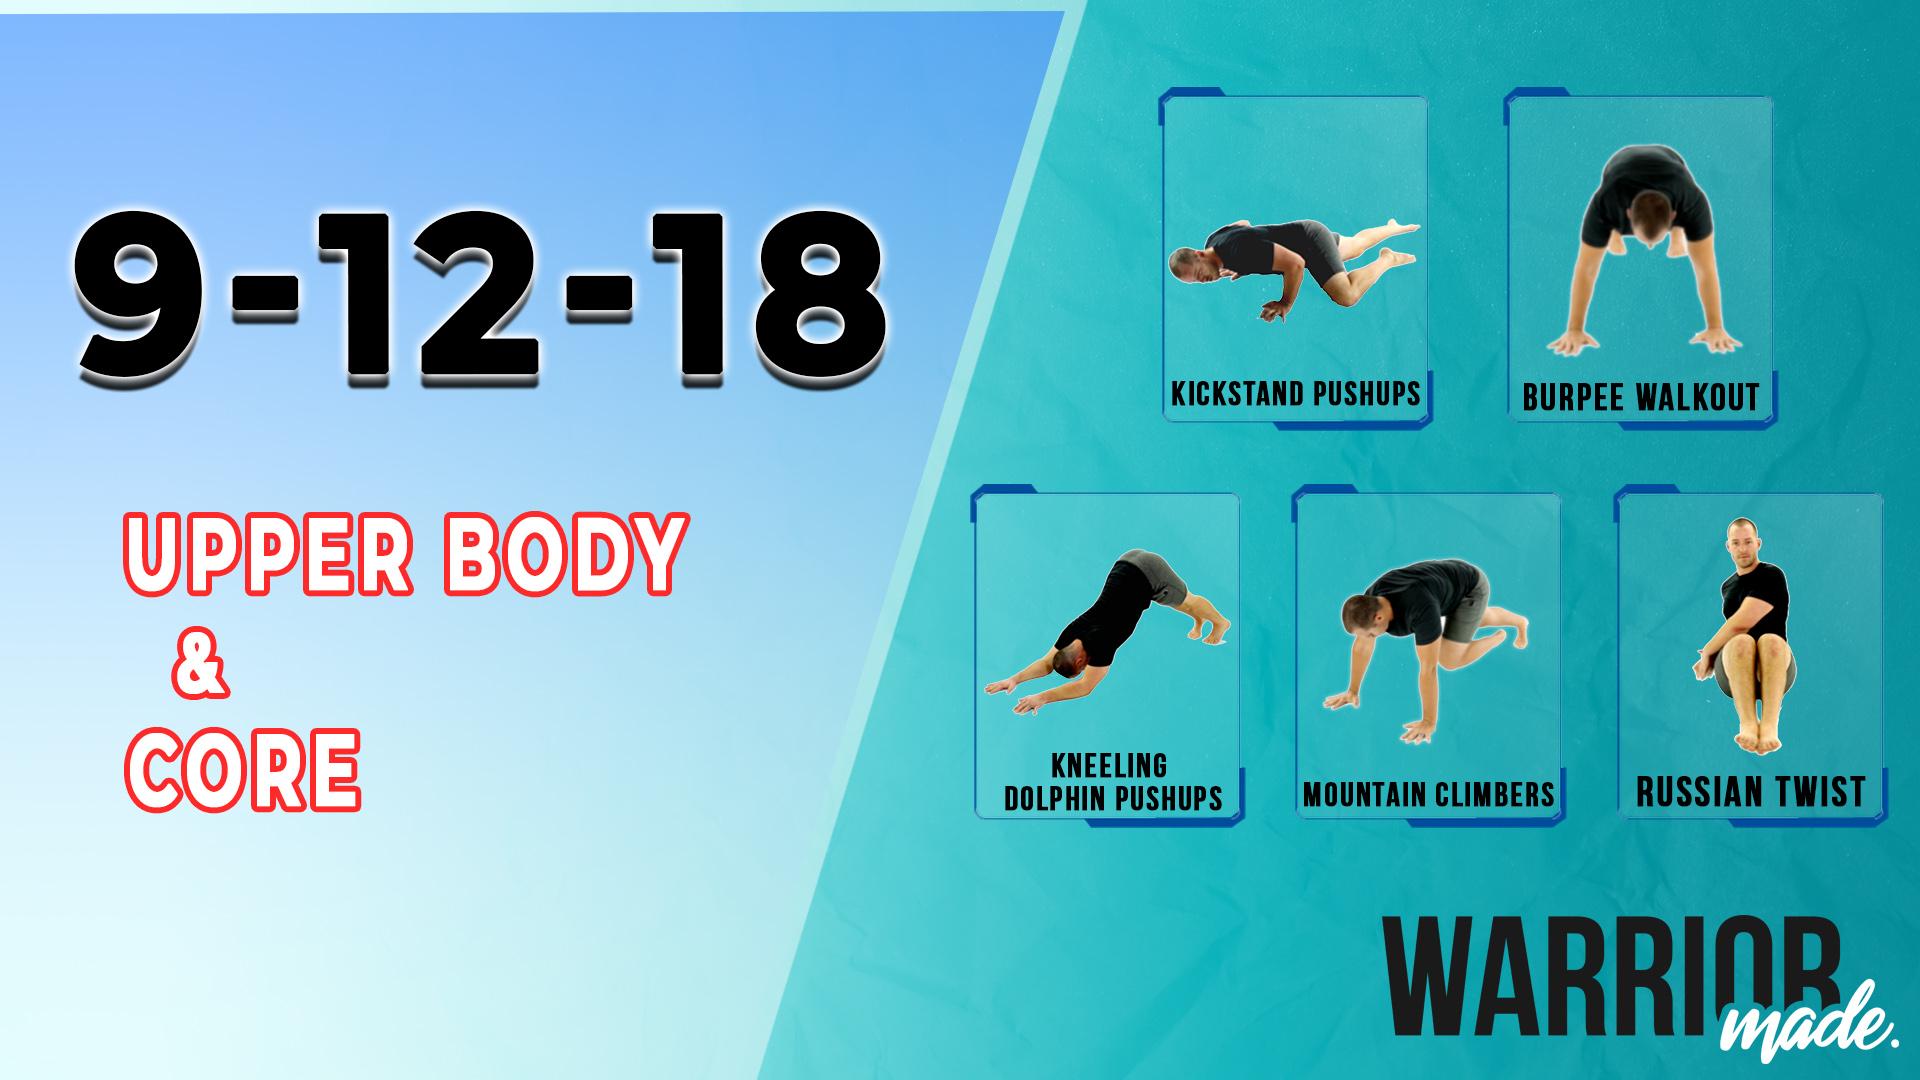 workouts-09-12-18